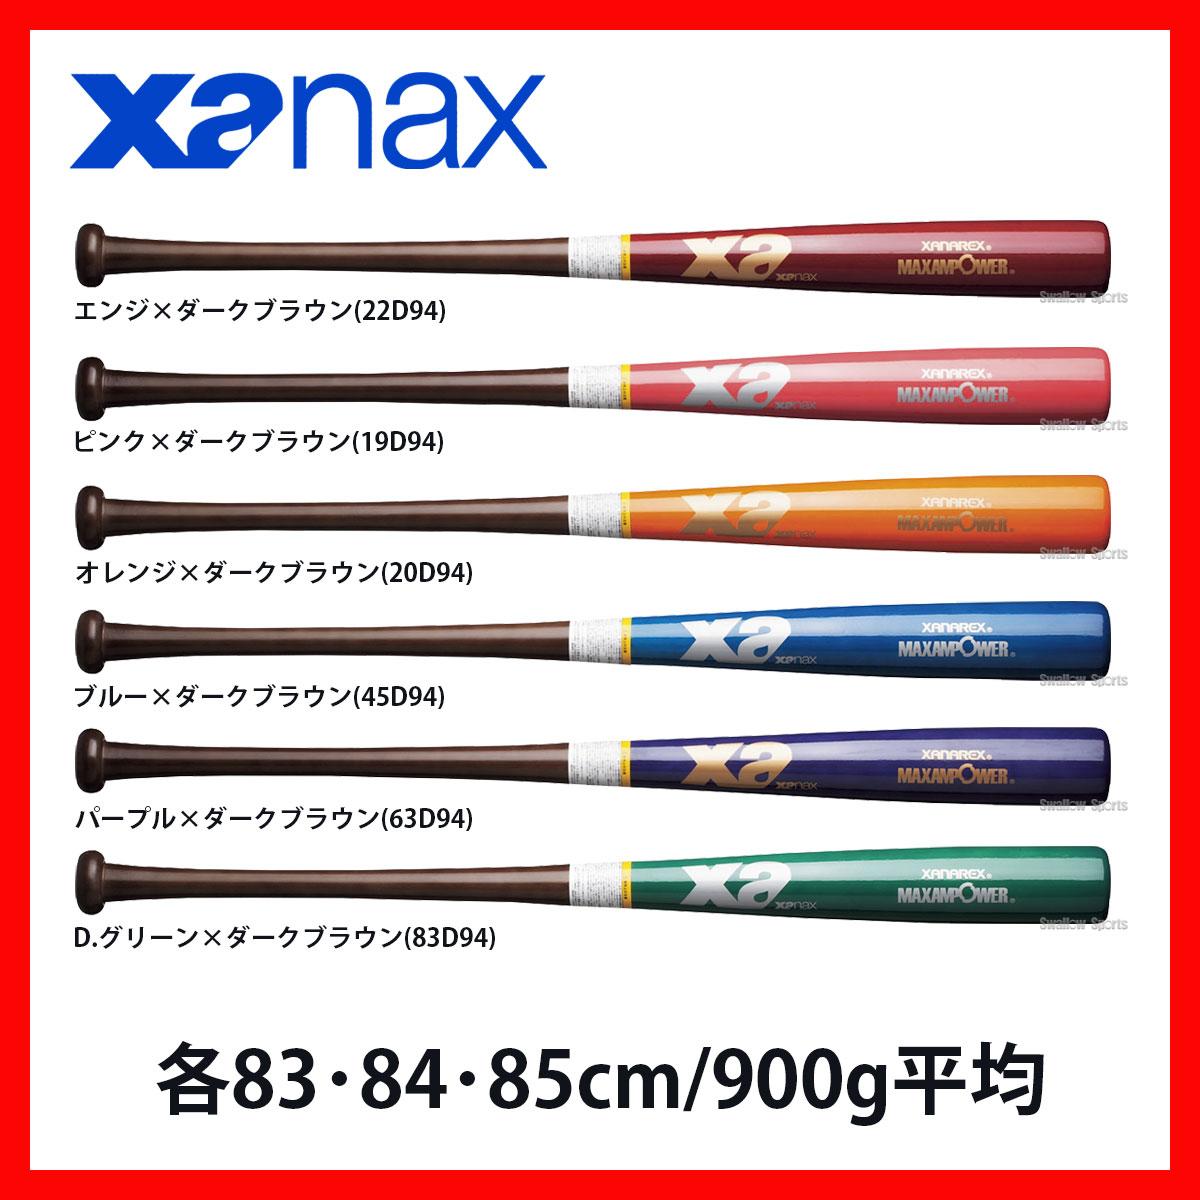 【あす楽対応】 ザナックス 硬式 バット カラー 竹 木製 BHB-1675 硬式用 木製バット 夏季大会 合宿 野球部 野球用品 スワロースポーツ